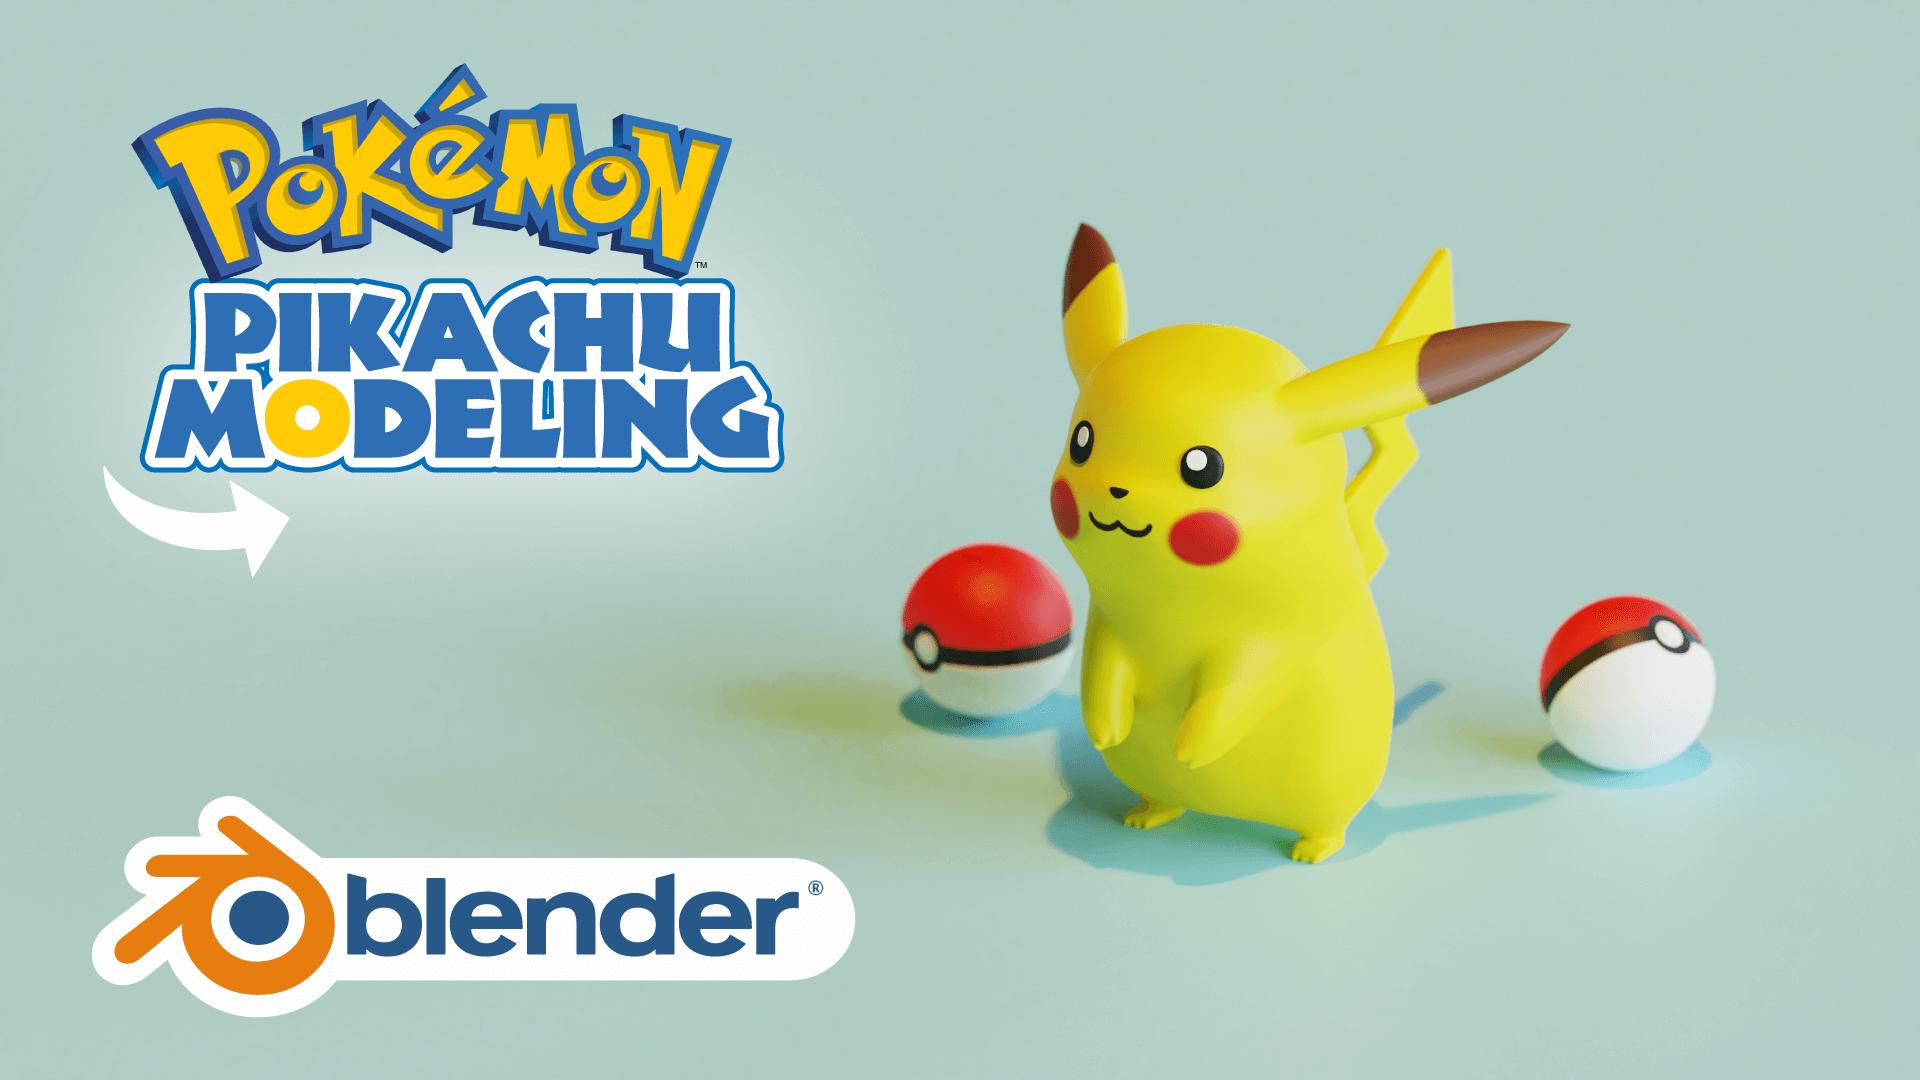 3D Pikachu Pokémon Modeling Blender Academy Course